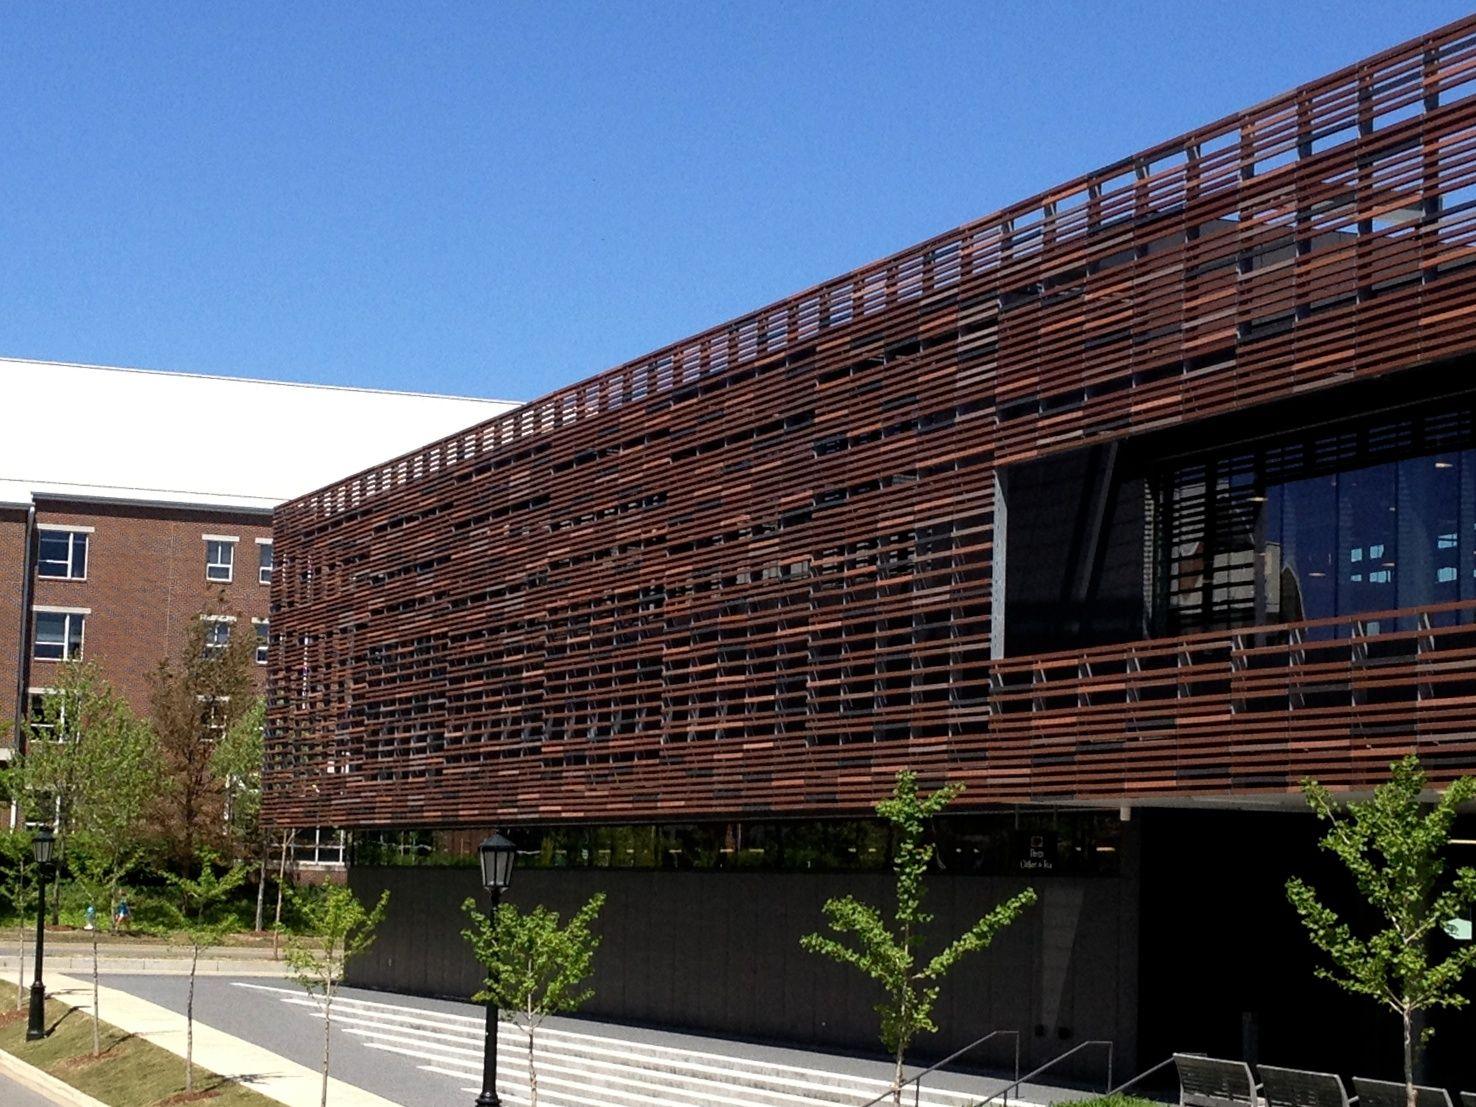 07_Garland Architecture, Parking design, Shop facade